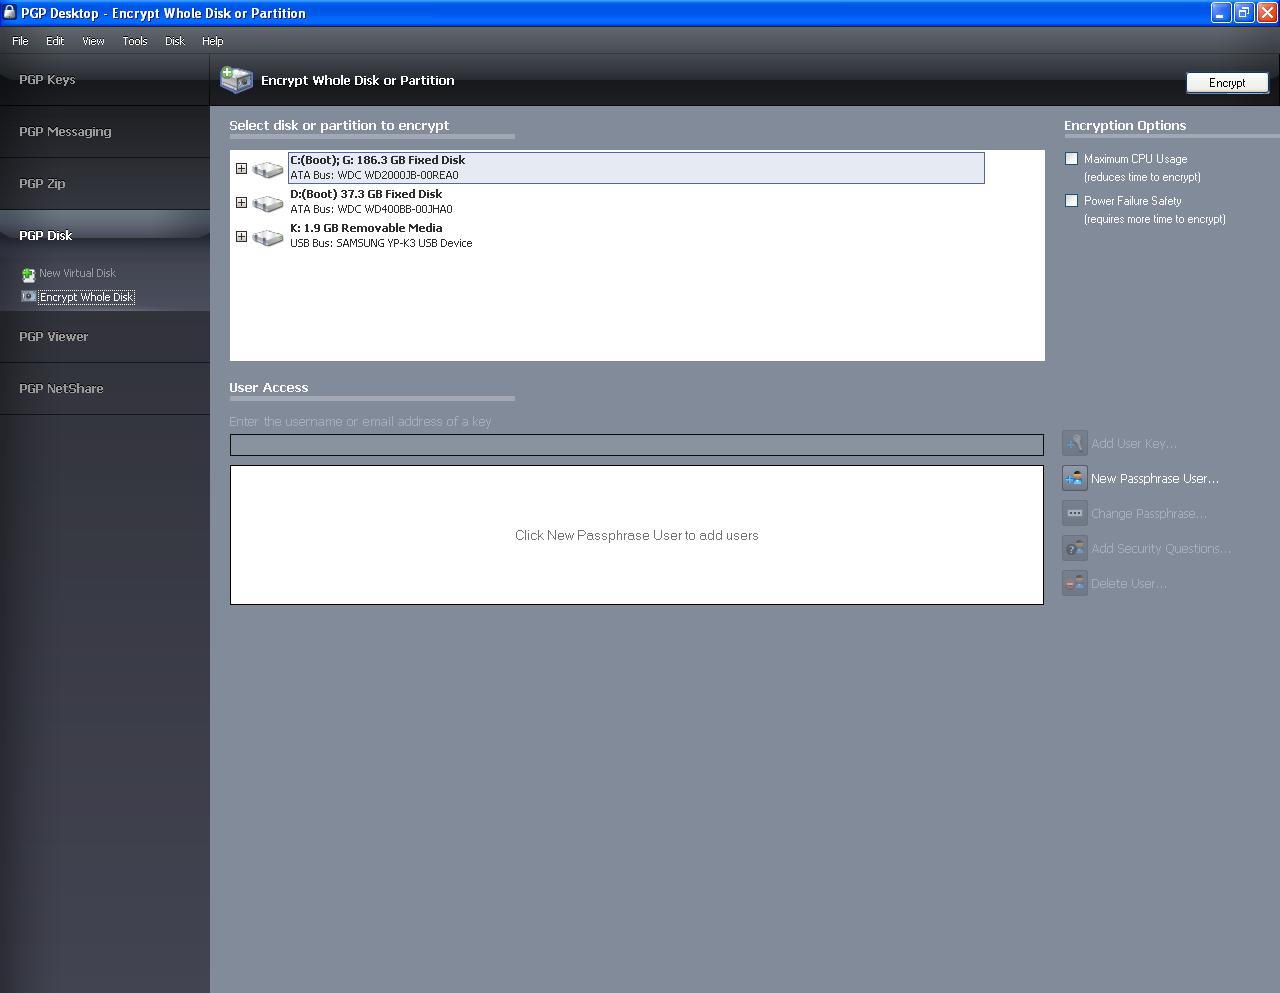 Pgp desktop professional v9.9 embrace